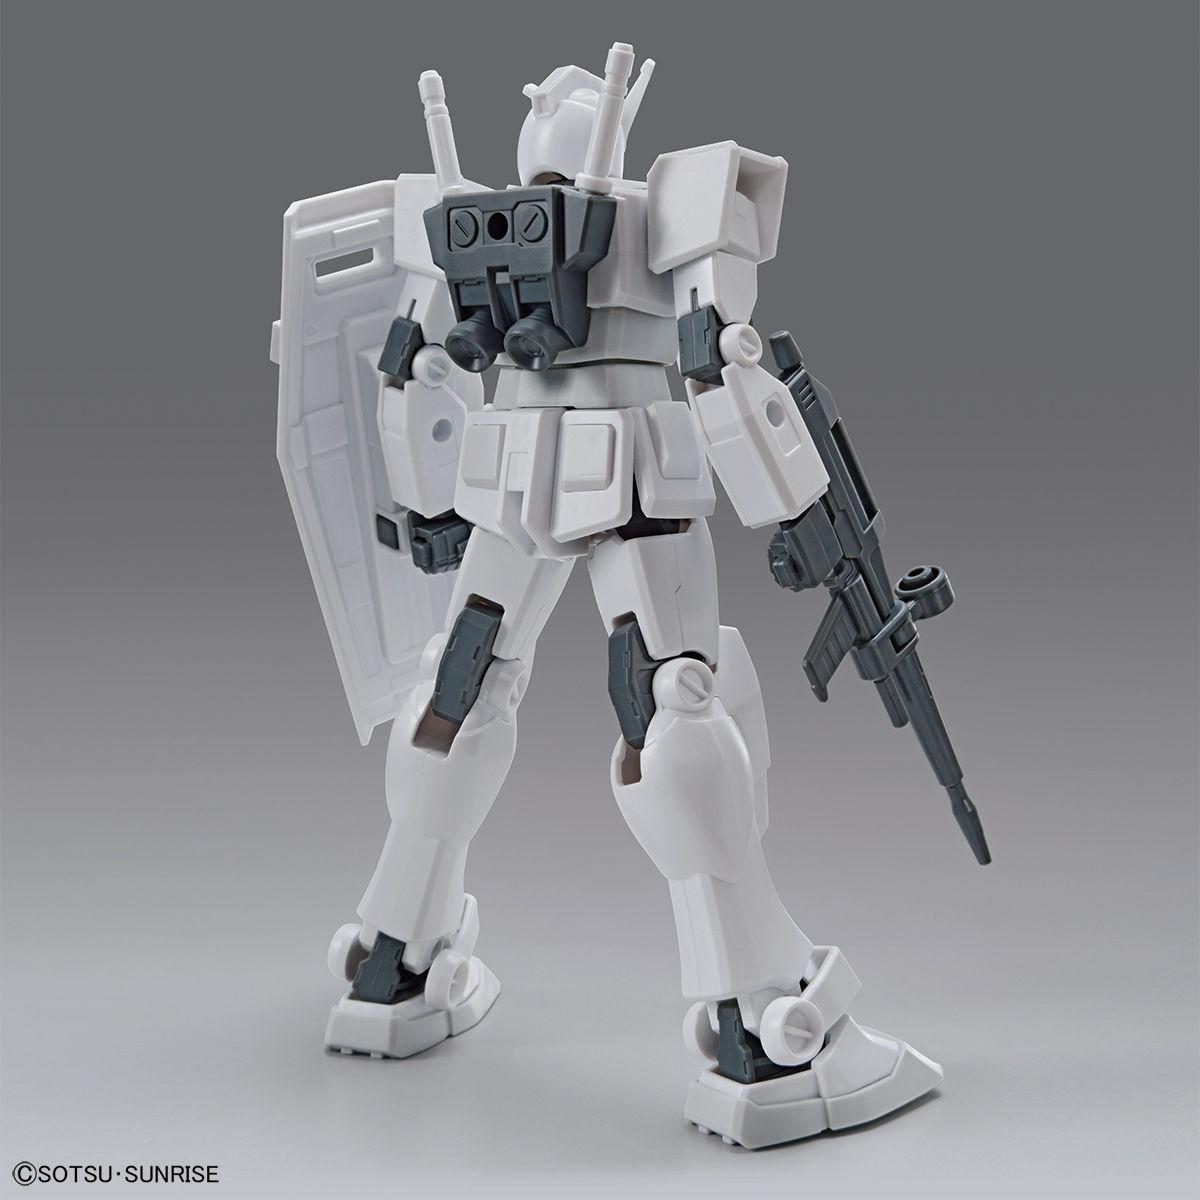 ENTRY GRADE 1/144 ガンダムベース限定 RX-78 ガンダム [ペインティングモデル] 商品画像